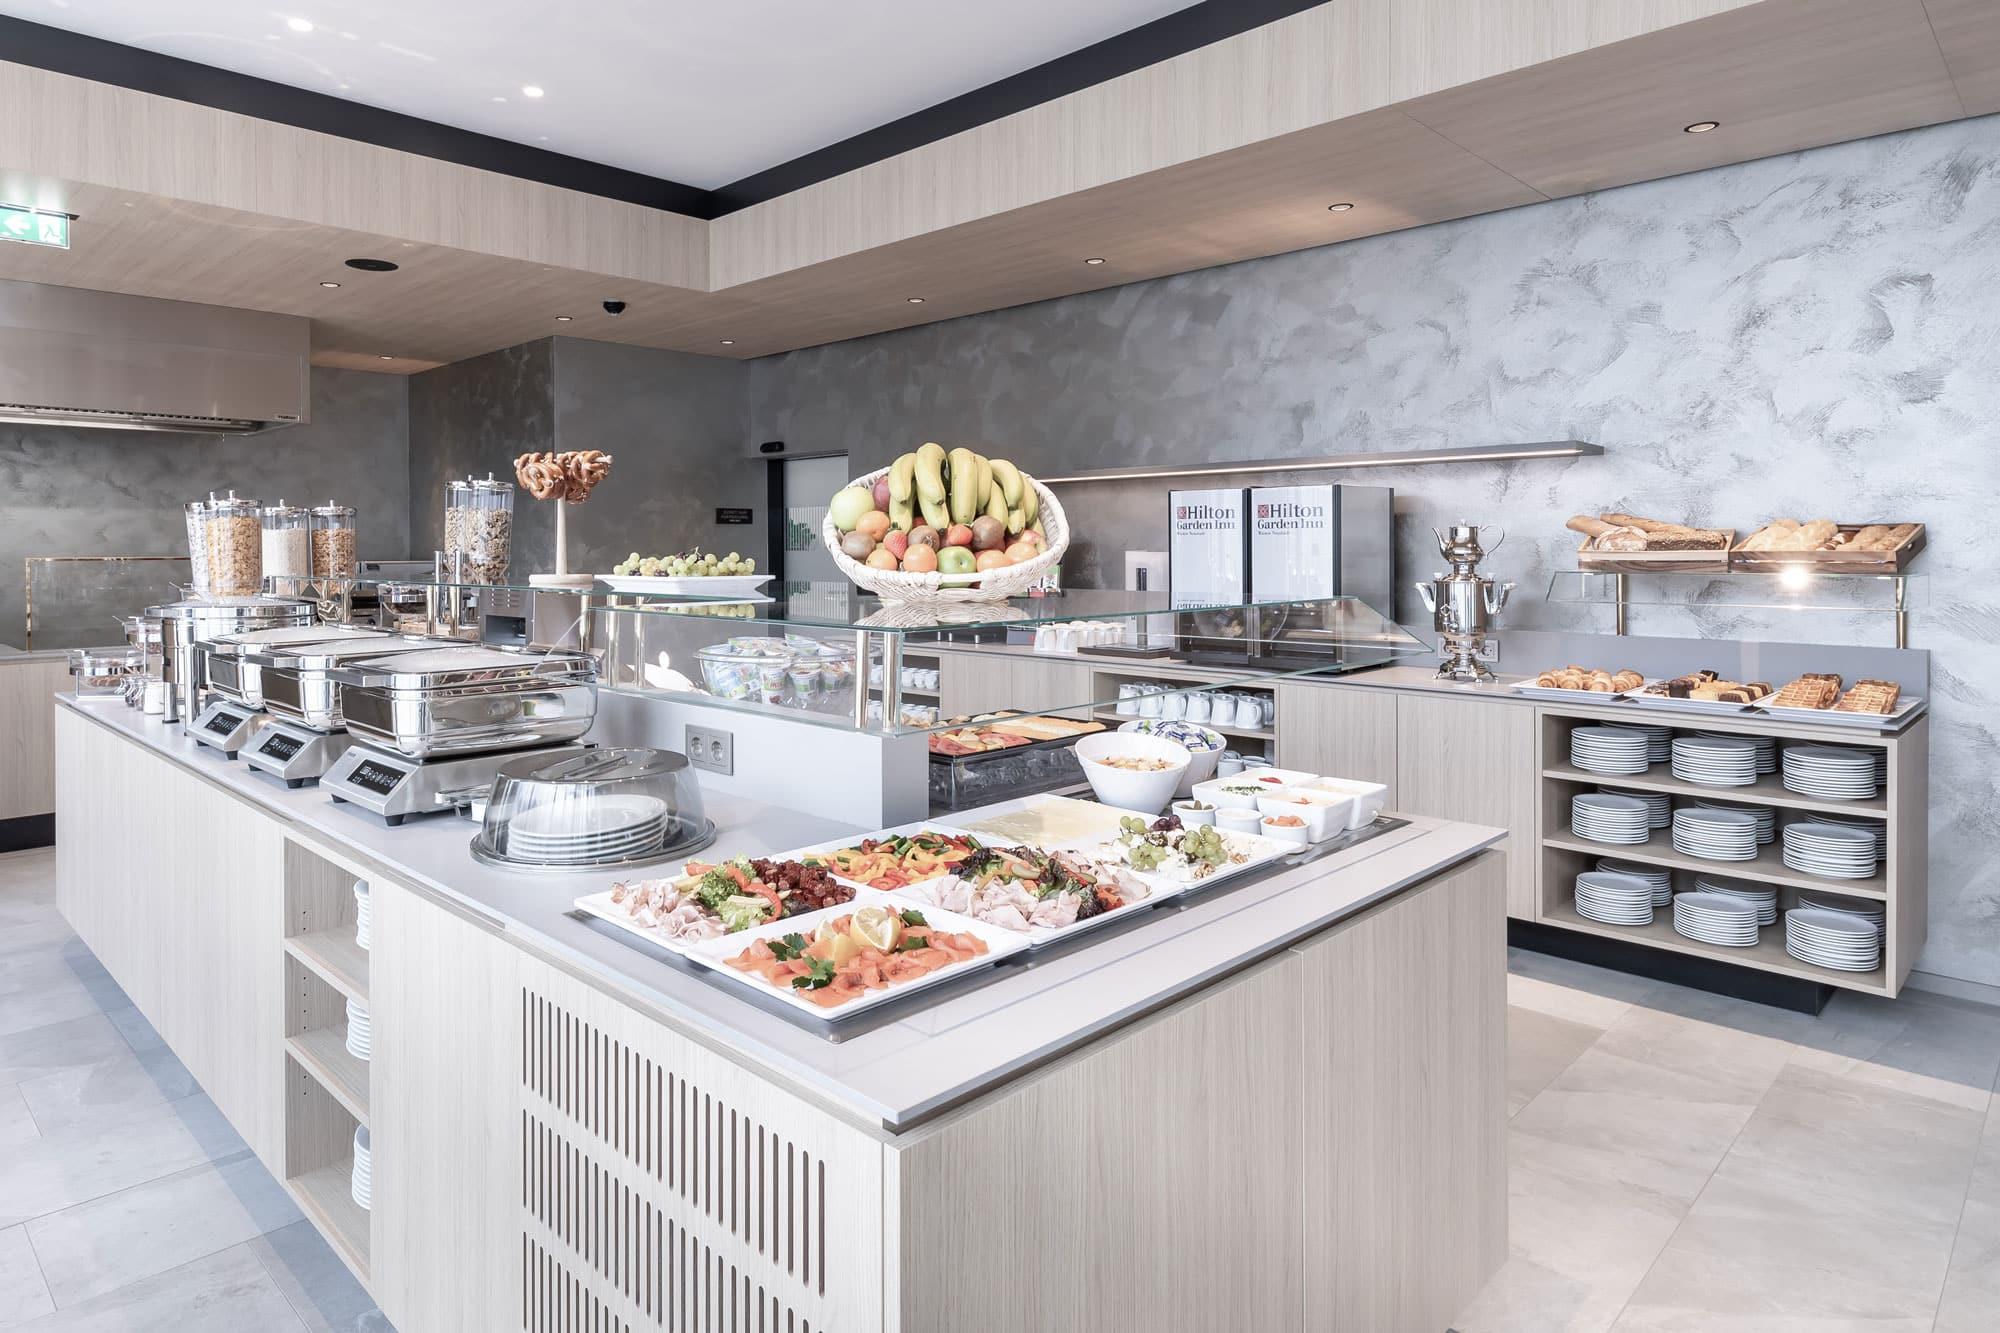 Hilton Garden Inn  - COL EXP 20190213 C68I8885 V01 49